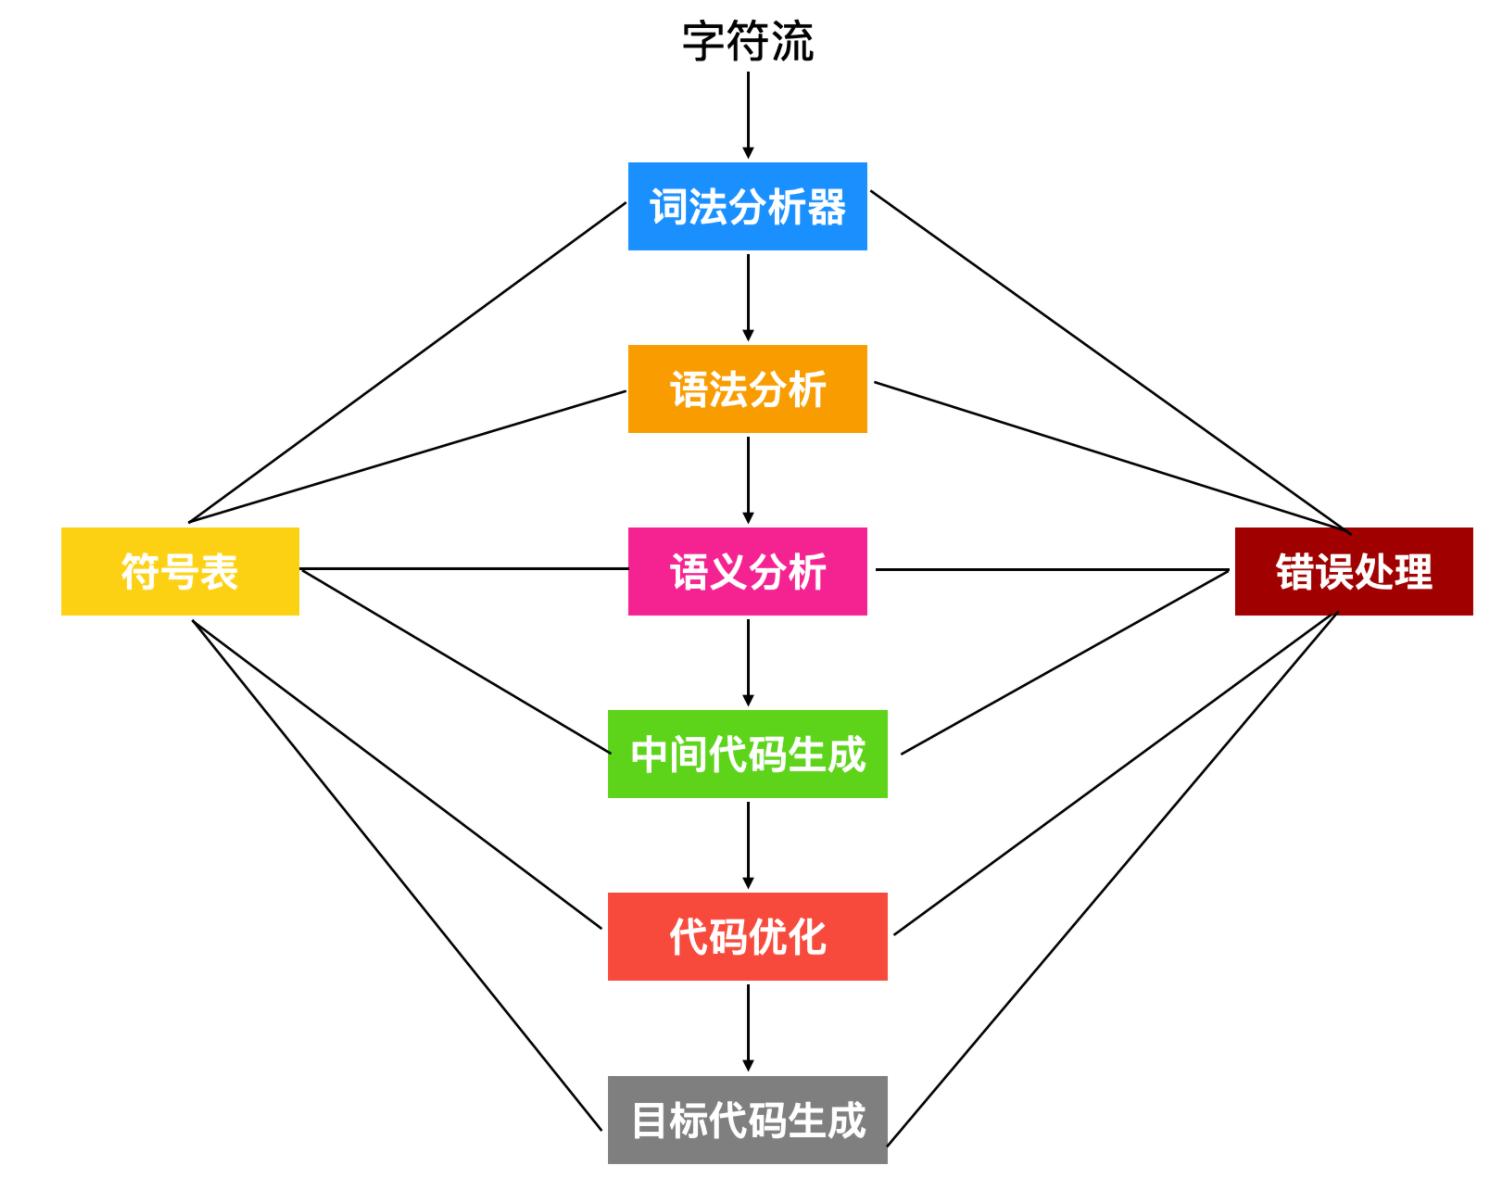 为什么编译原理被称为龙书?